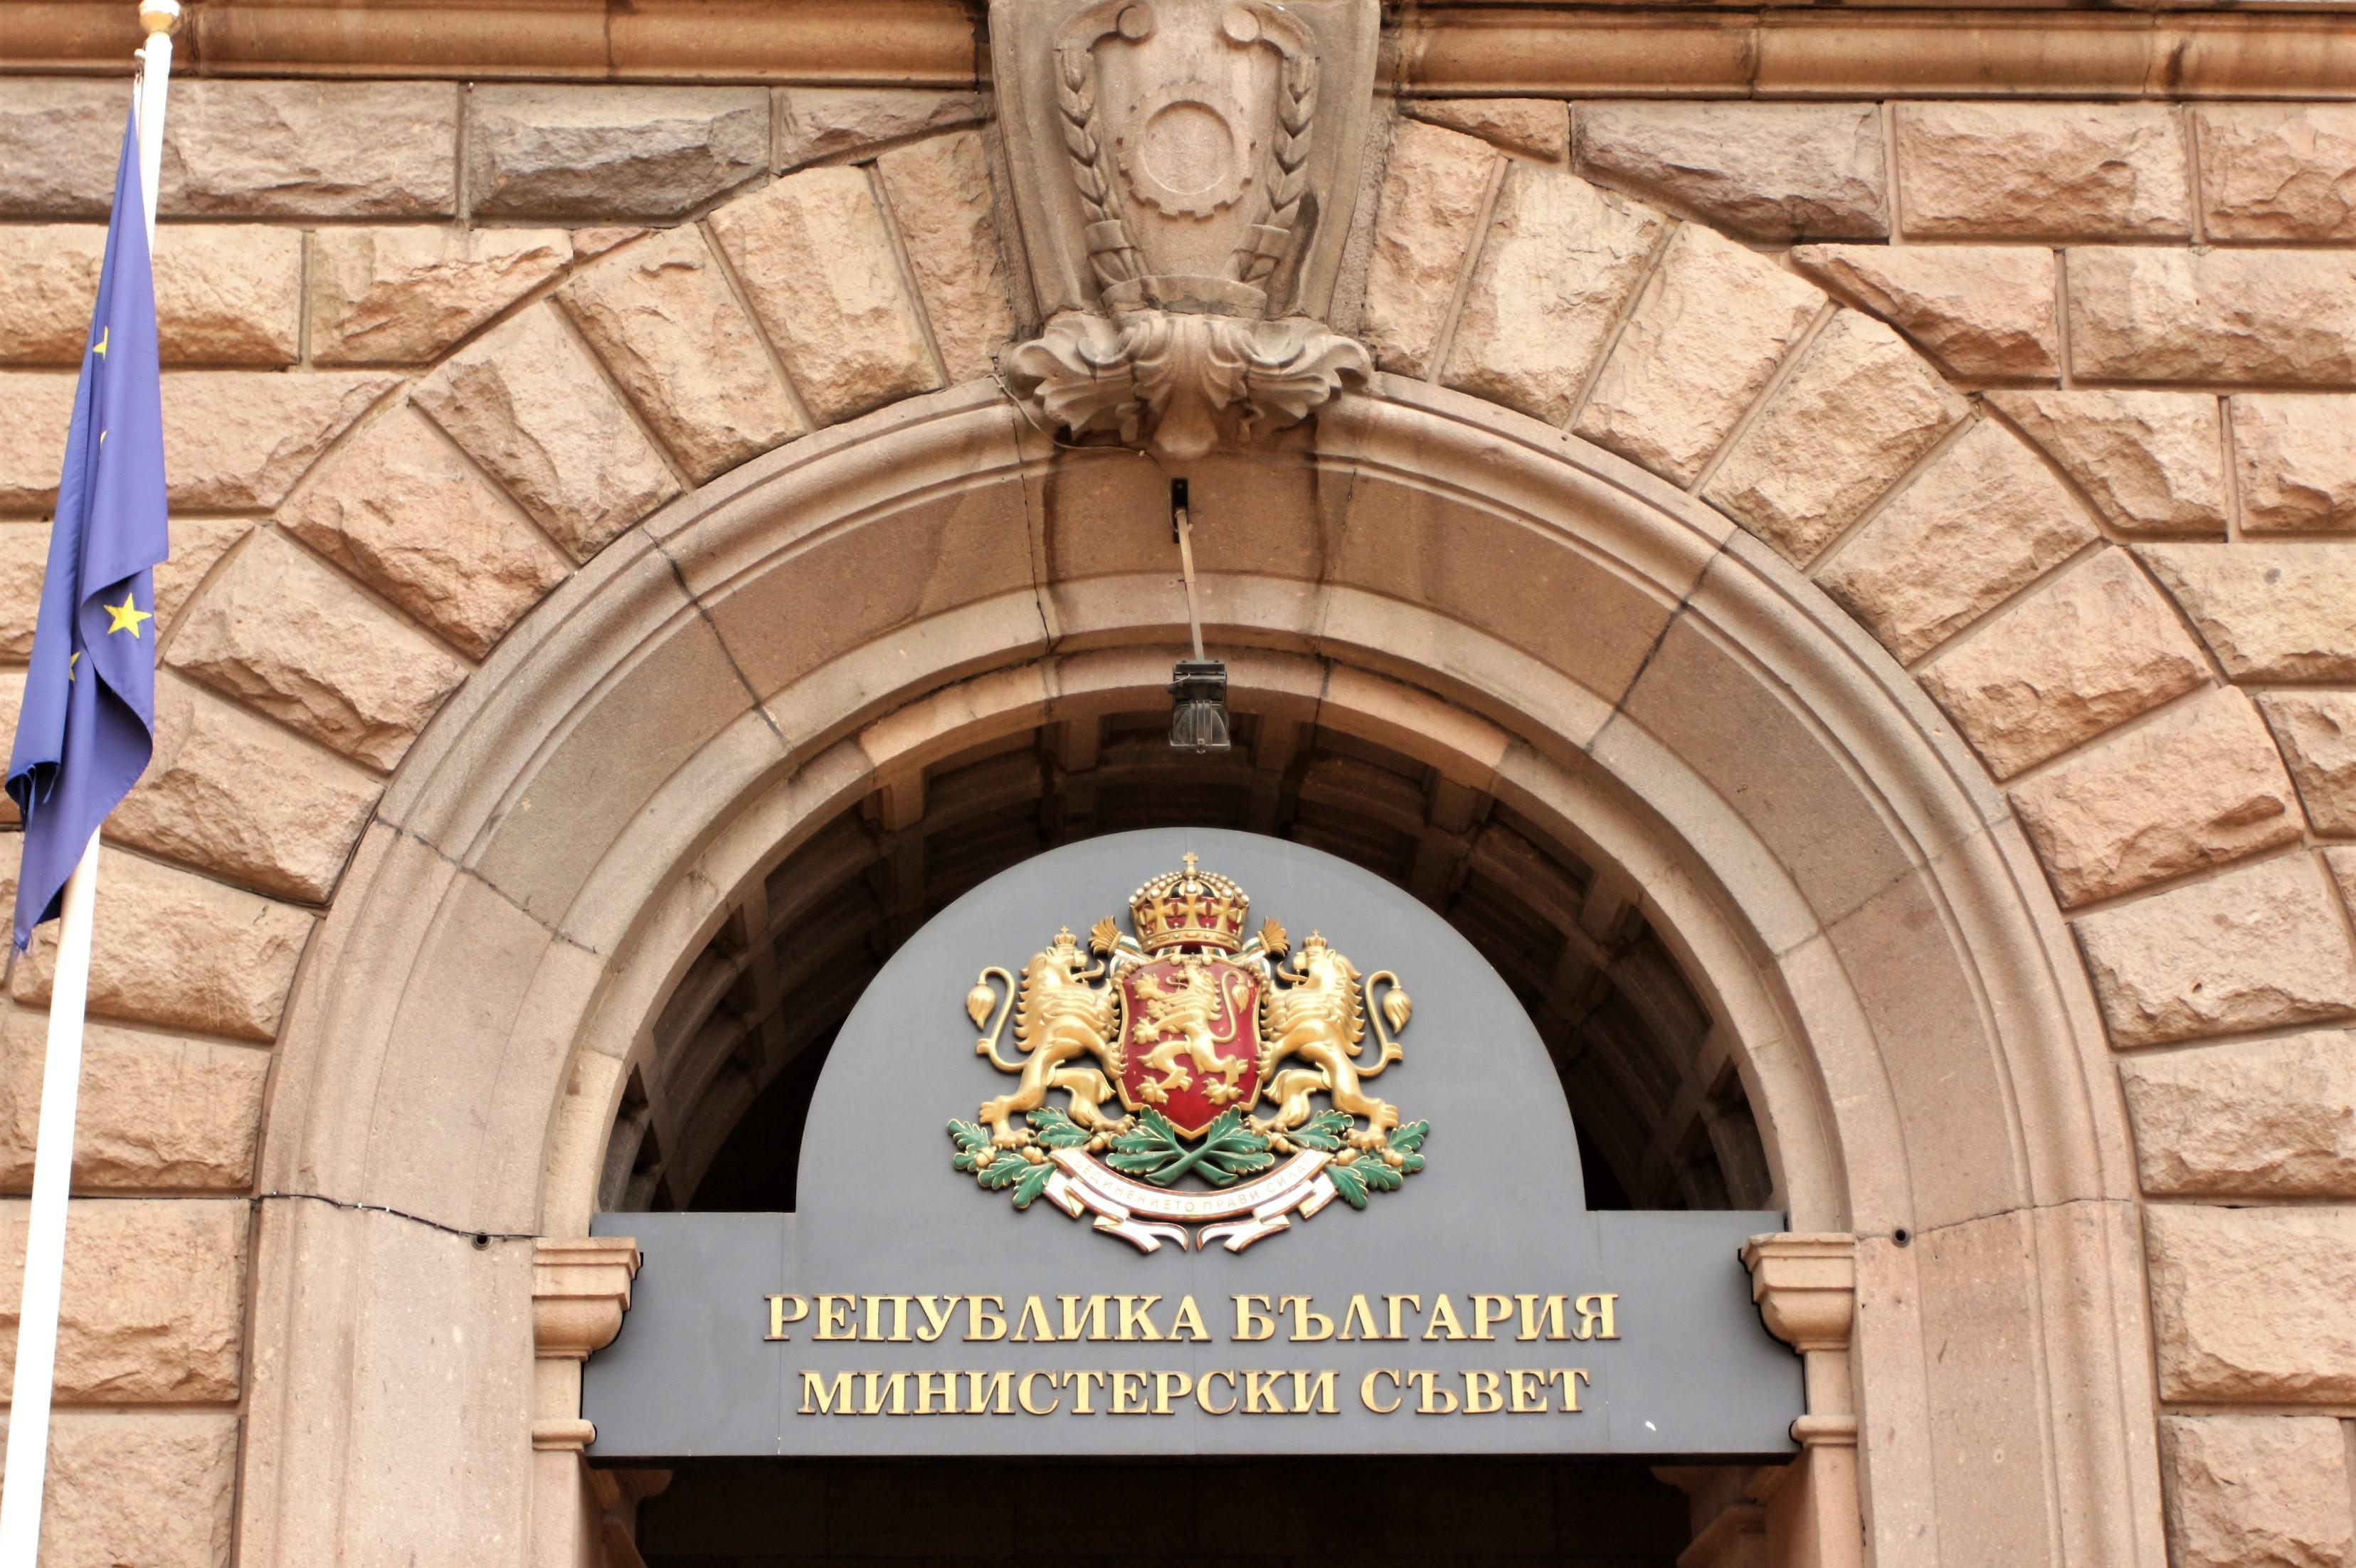 Министески съвет